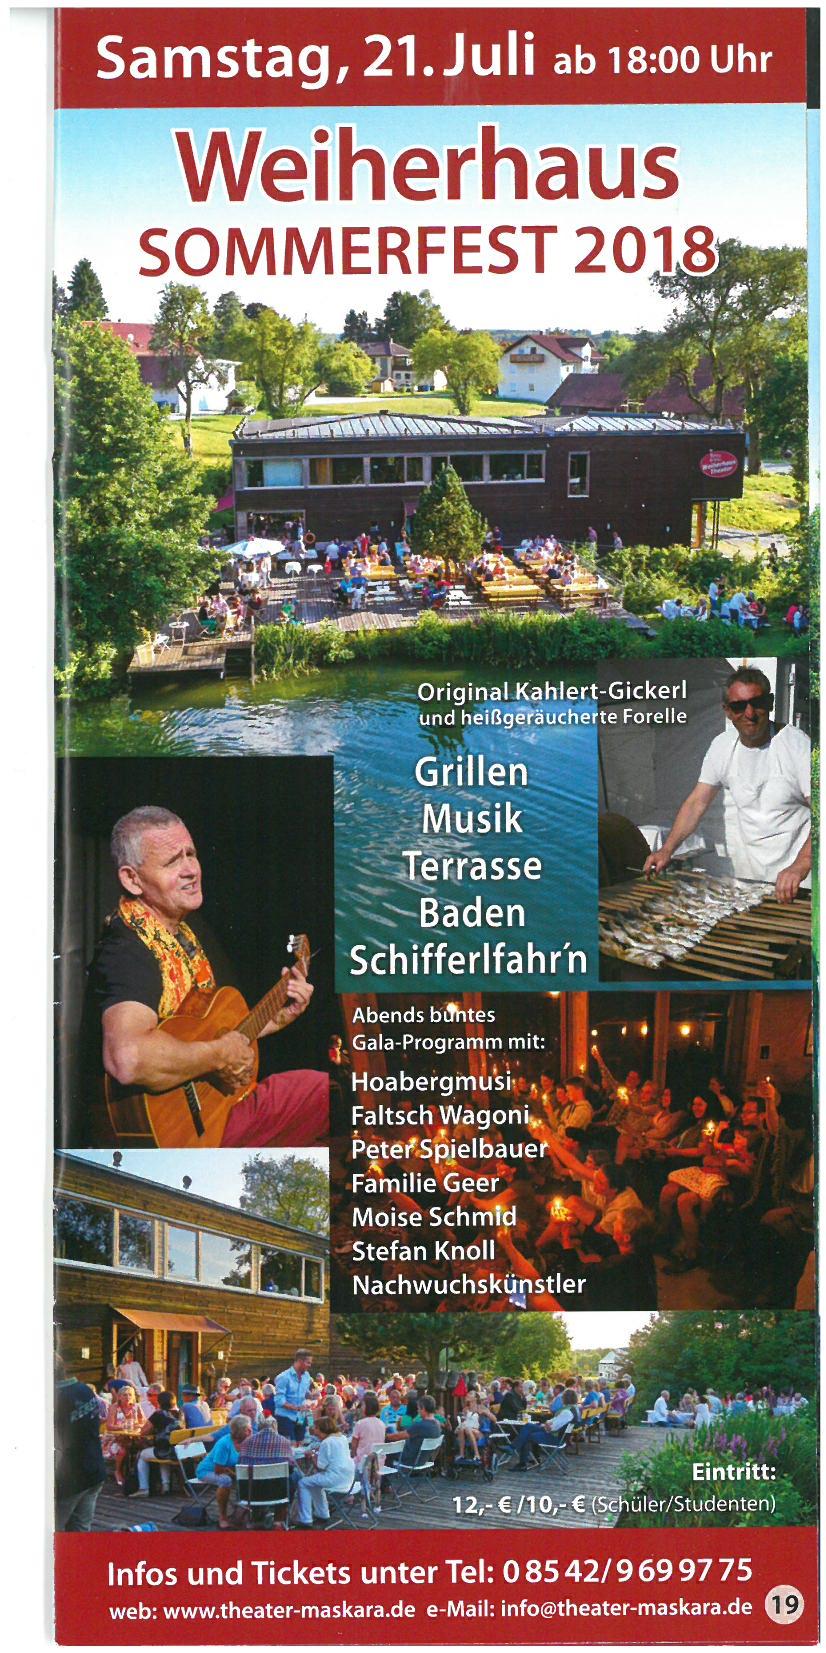 Weiherhaus Sommerfest 2018